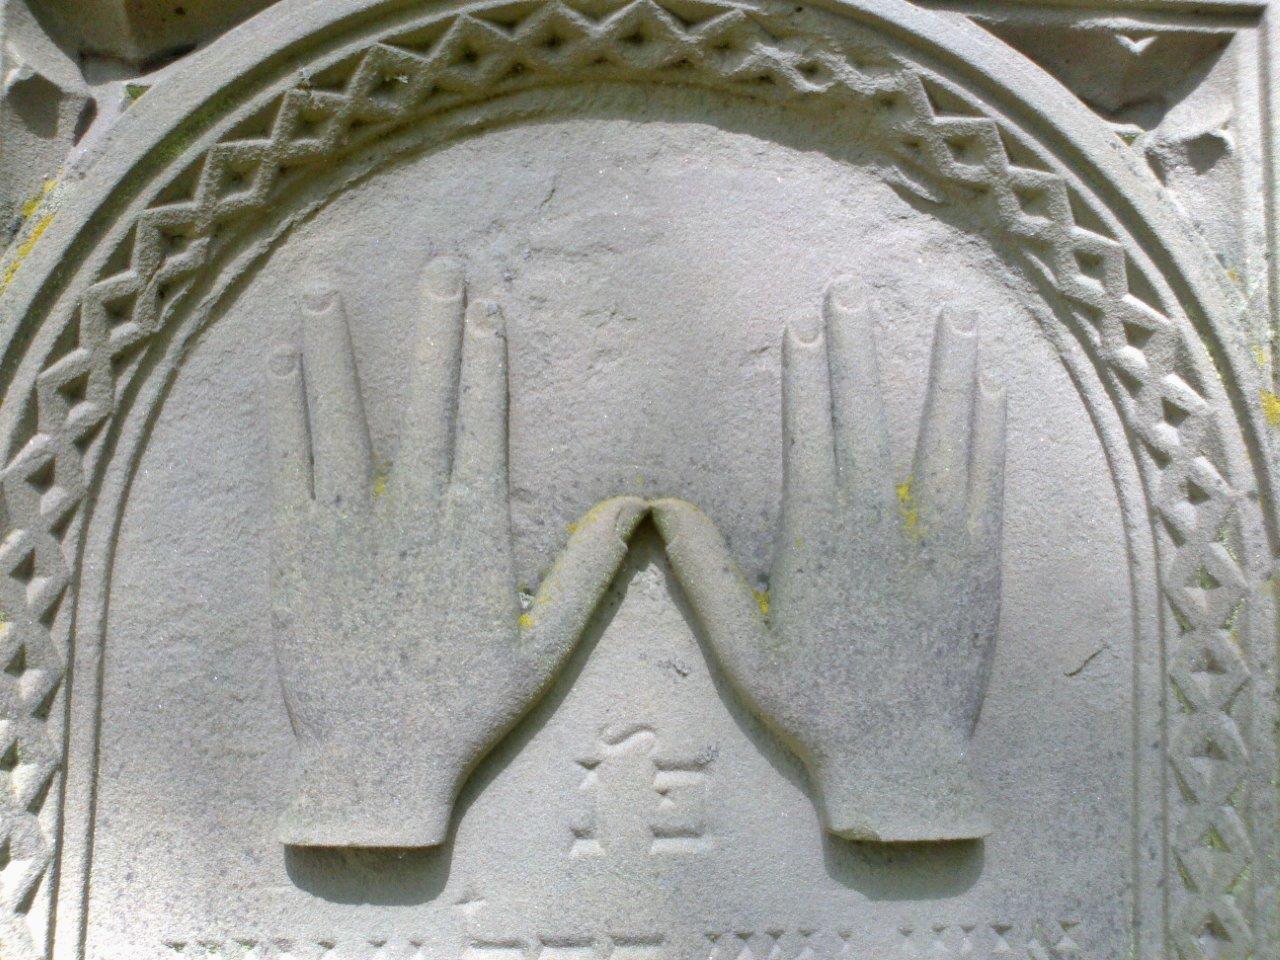 Hände-Symbolik auf einem Grabstein